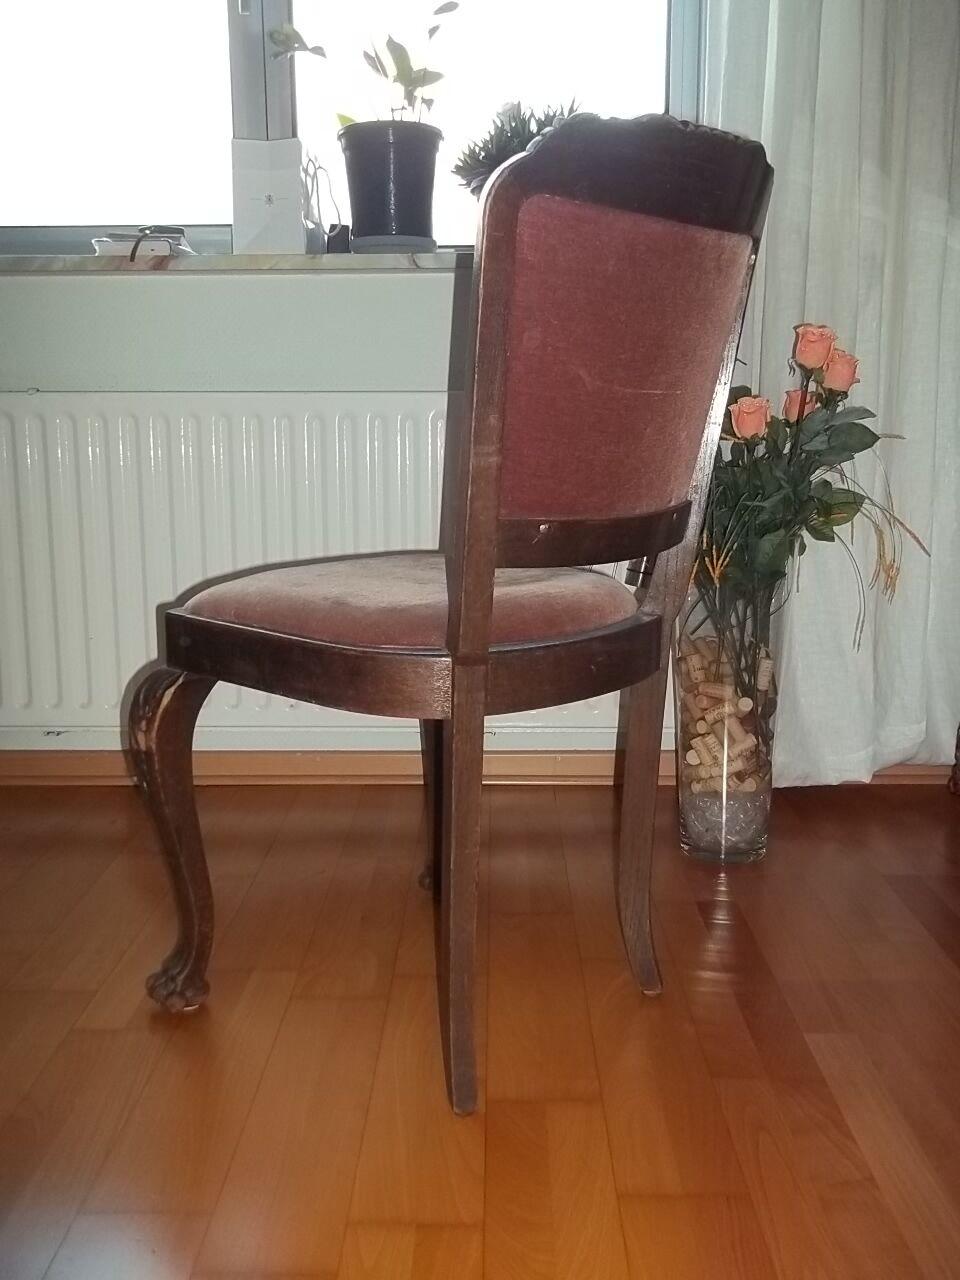 antiker stuhl jugendstil gr nderzeit sitz um 1870 alter stuhl unikat l wentatze eur 239 00. Black Bedroom Furniture Sets. Home Design Ideas